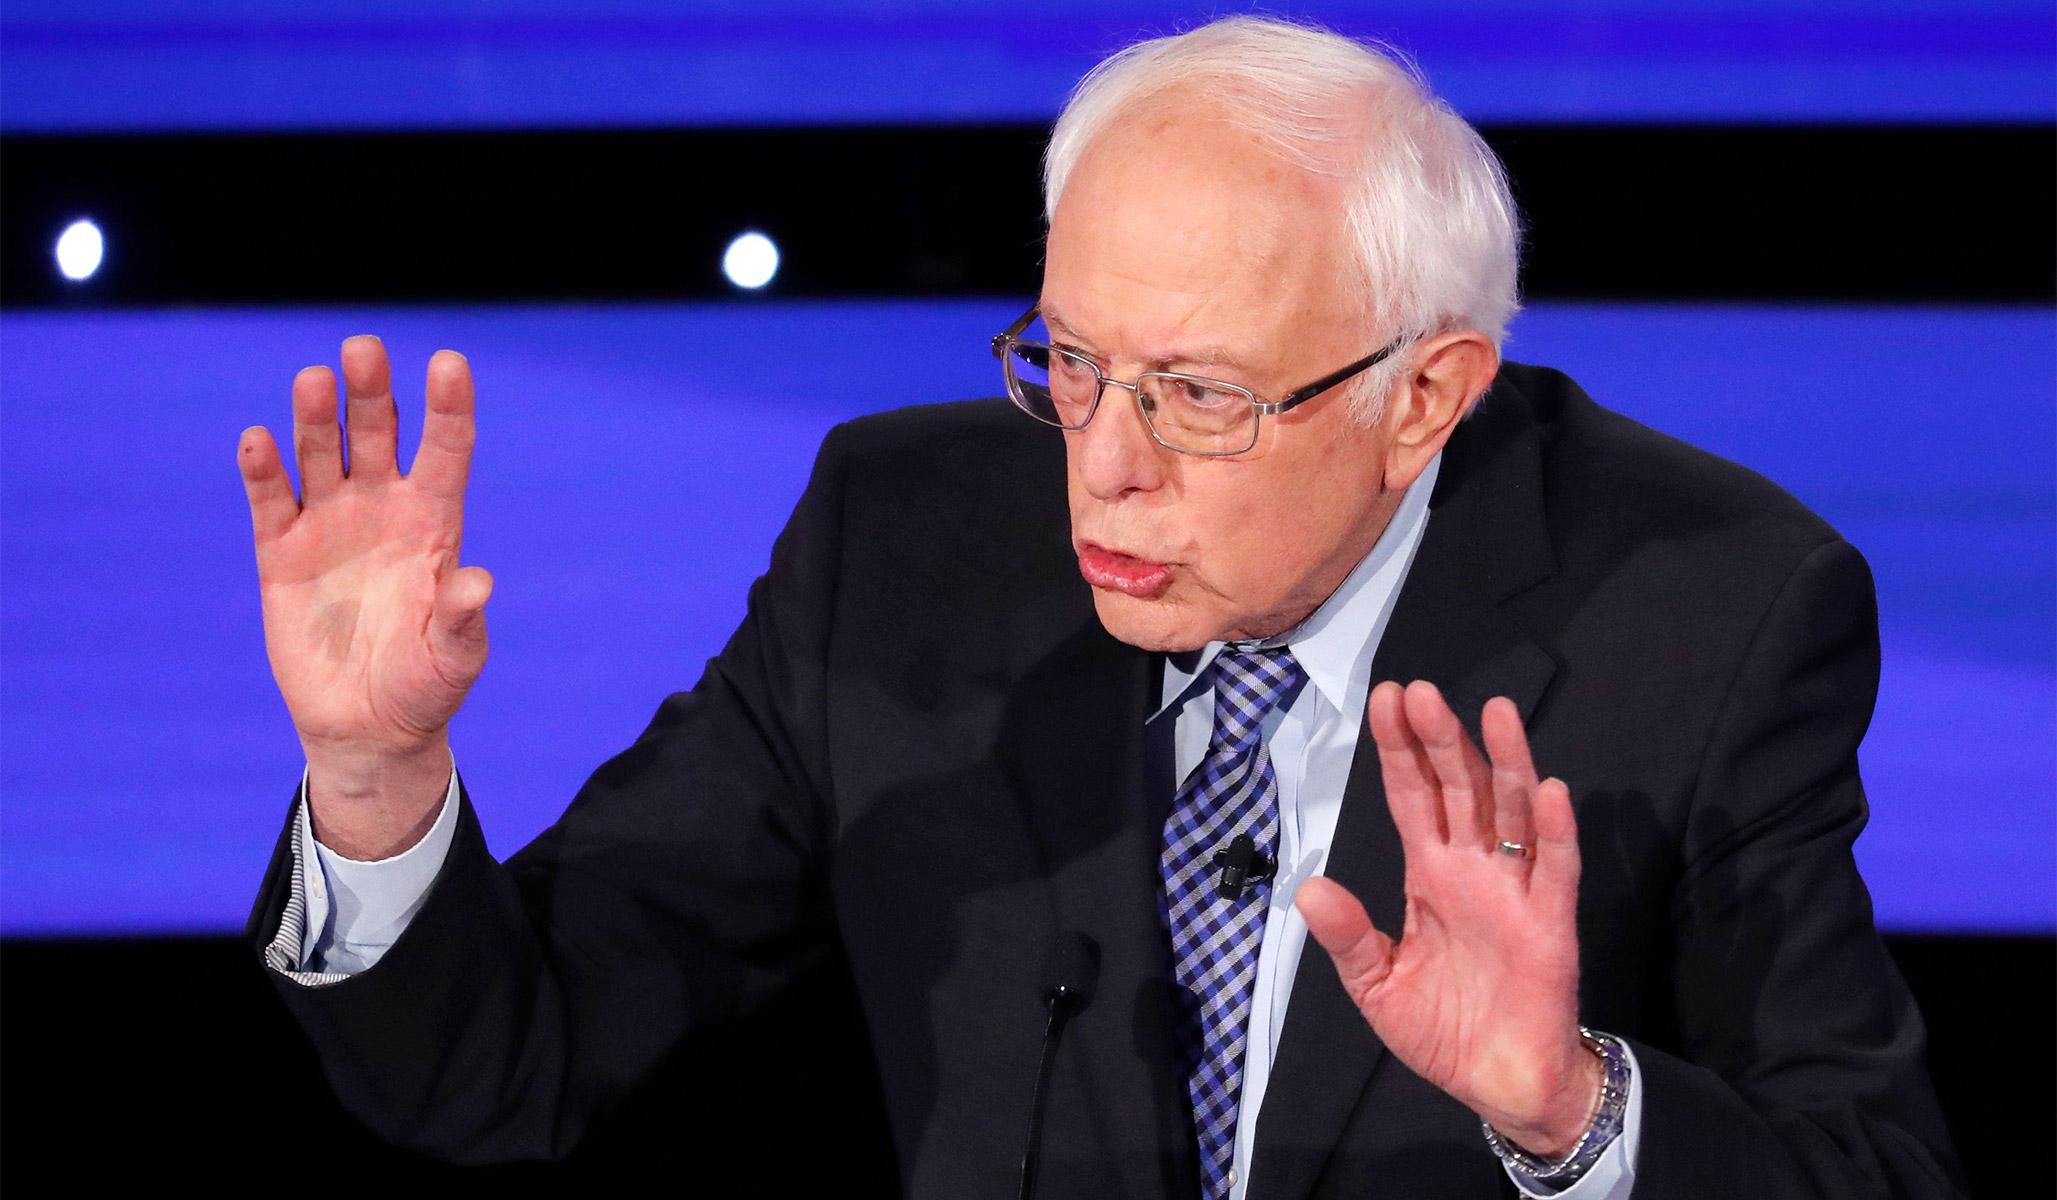 2020 Democrats' Economic Doomsaying Is Preposterous